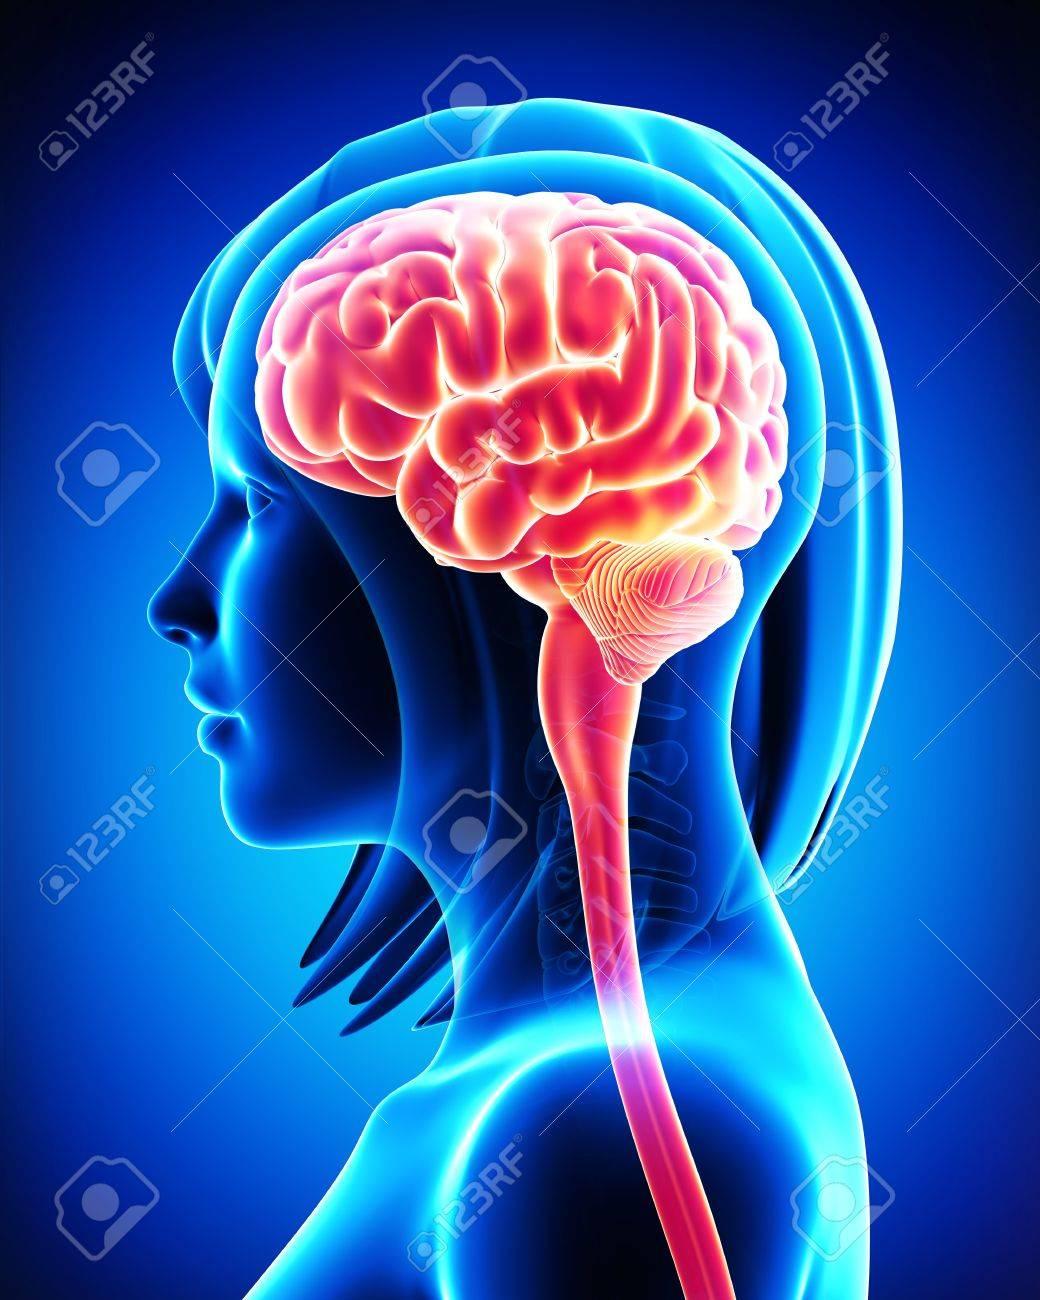 Anatomie Des Gehirns - Querschnitt Von Außen Lizenzfreie Fotos ...